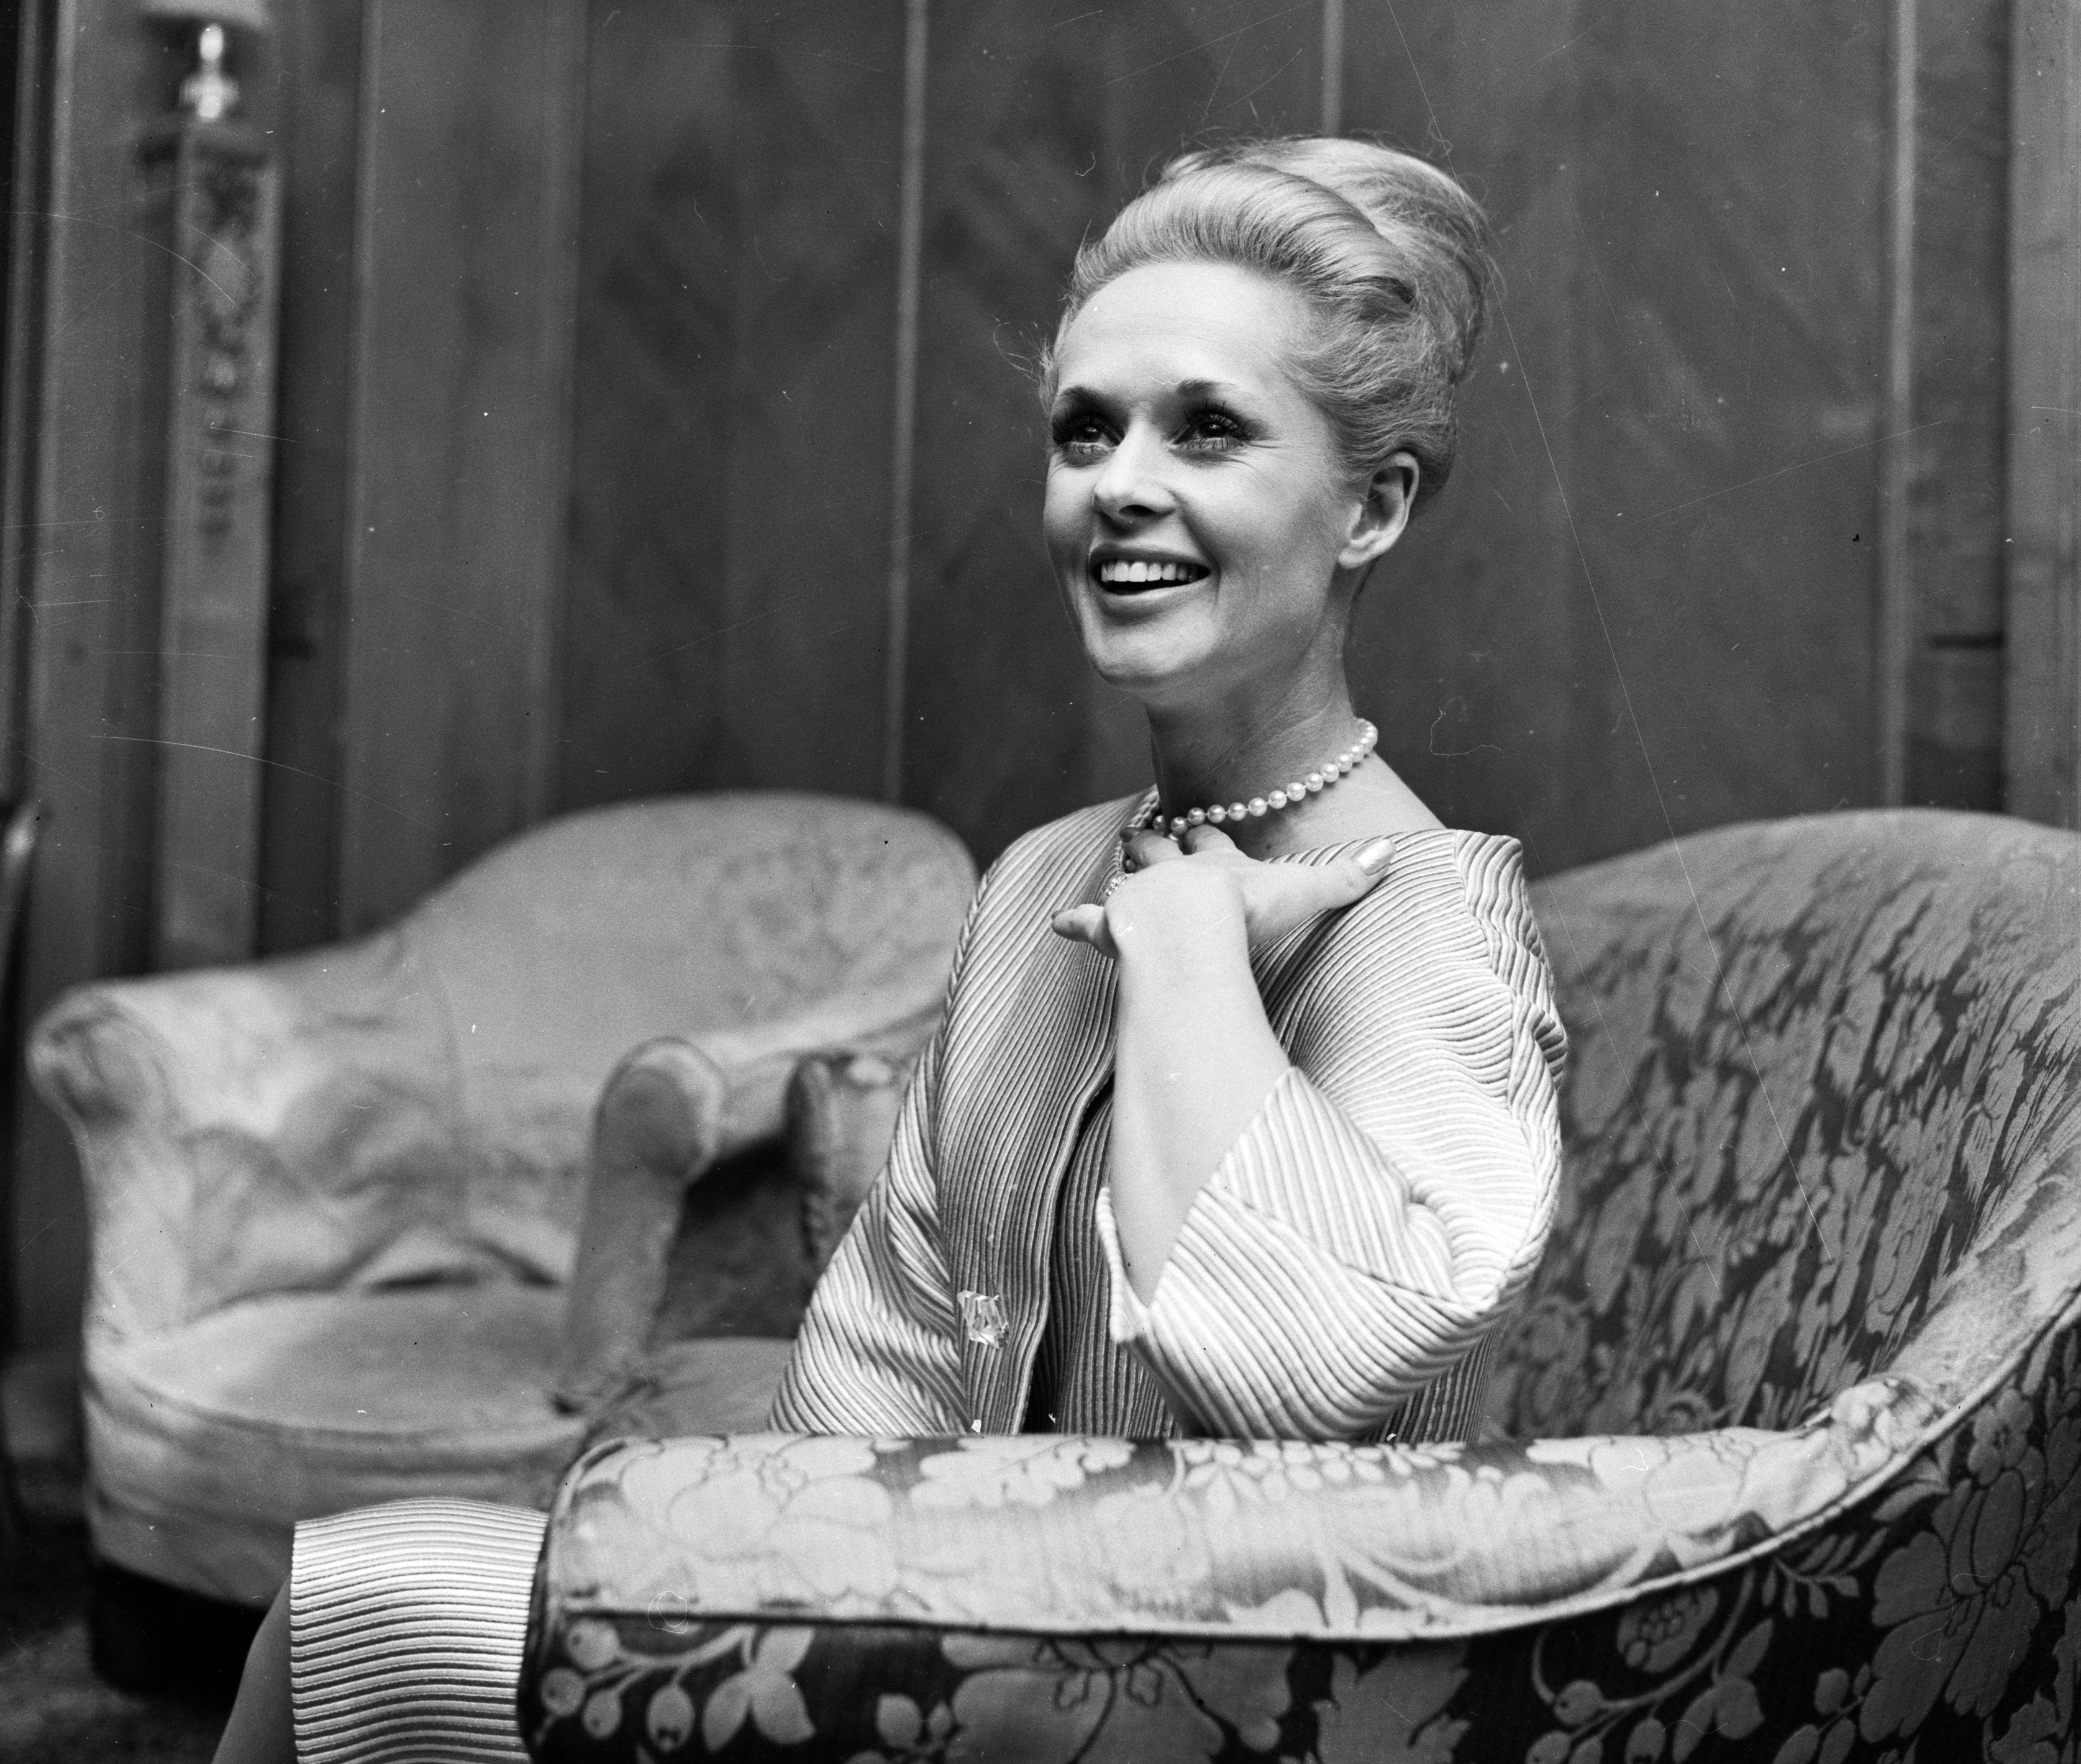 """Актрисата от САЩ Типи Хедрън описва случаи, при които е била жертва на сексуален тормоз от страна на прочутия британски режисьор Алфред Хичкок, в новата си автобиографична книга, предаде Ройтерс. Автобиографията """"Типи"""" излиза днес на книжния пазар. Книгата документира възхода на Хедрън от модел до филмова звезда и """"хичкокова блондинка"""", след като режисьорът я забелязва в реклама и я избира за главната роля в хитовия трилър """"Птиците"""" (1963). Лентата е смятана за един от най-добрите хоръри в американското кино."""